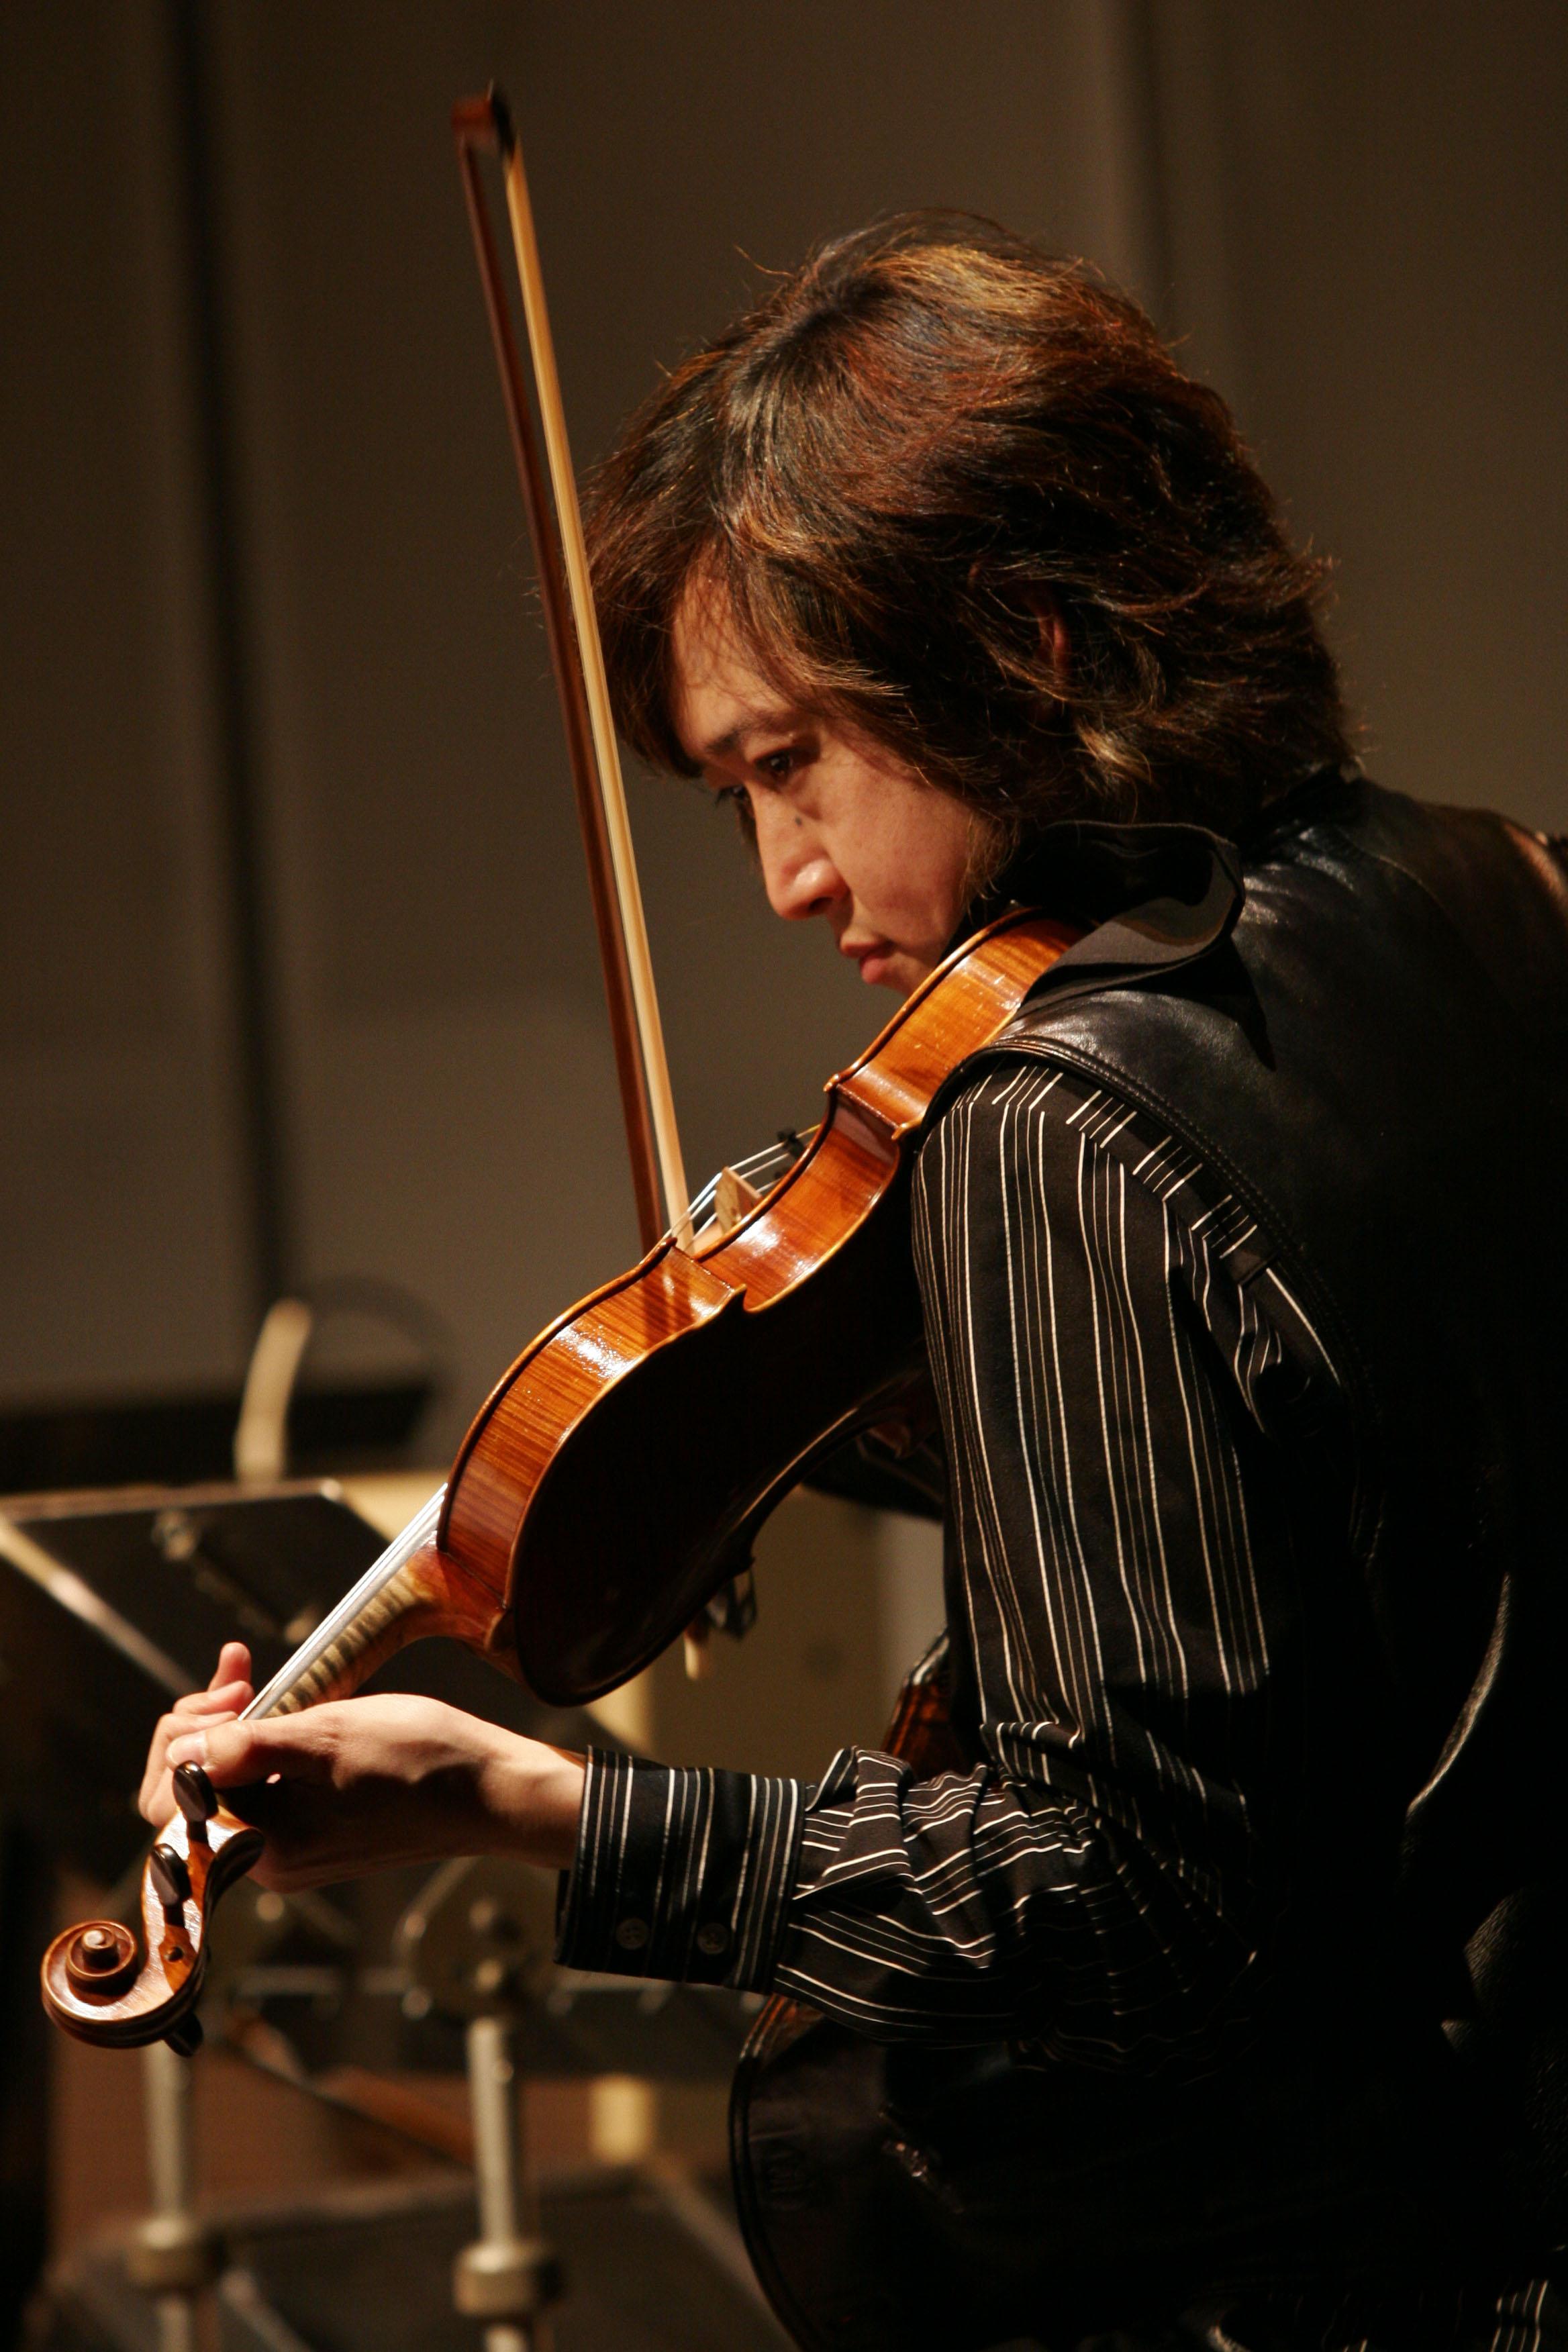 渡辺 剛 ヴァイオリン